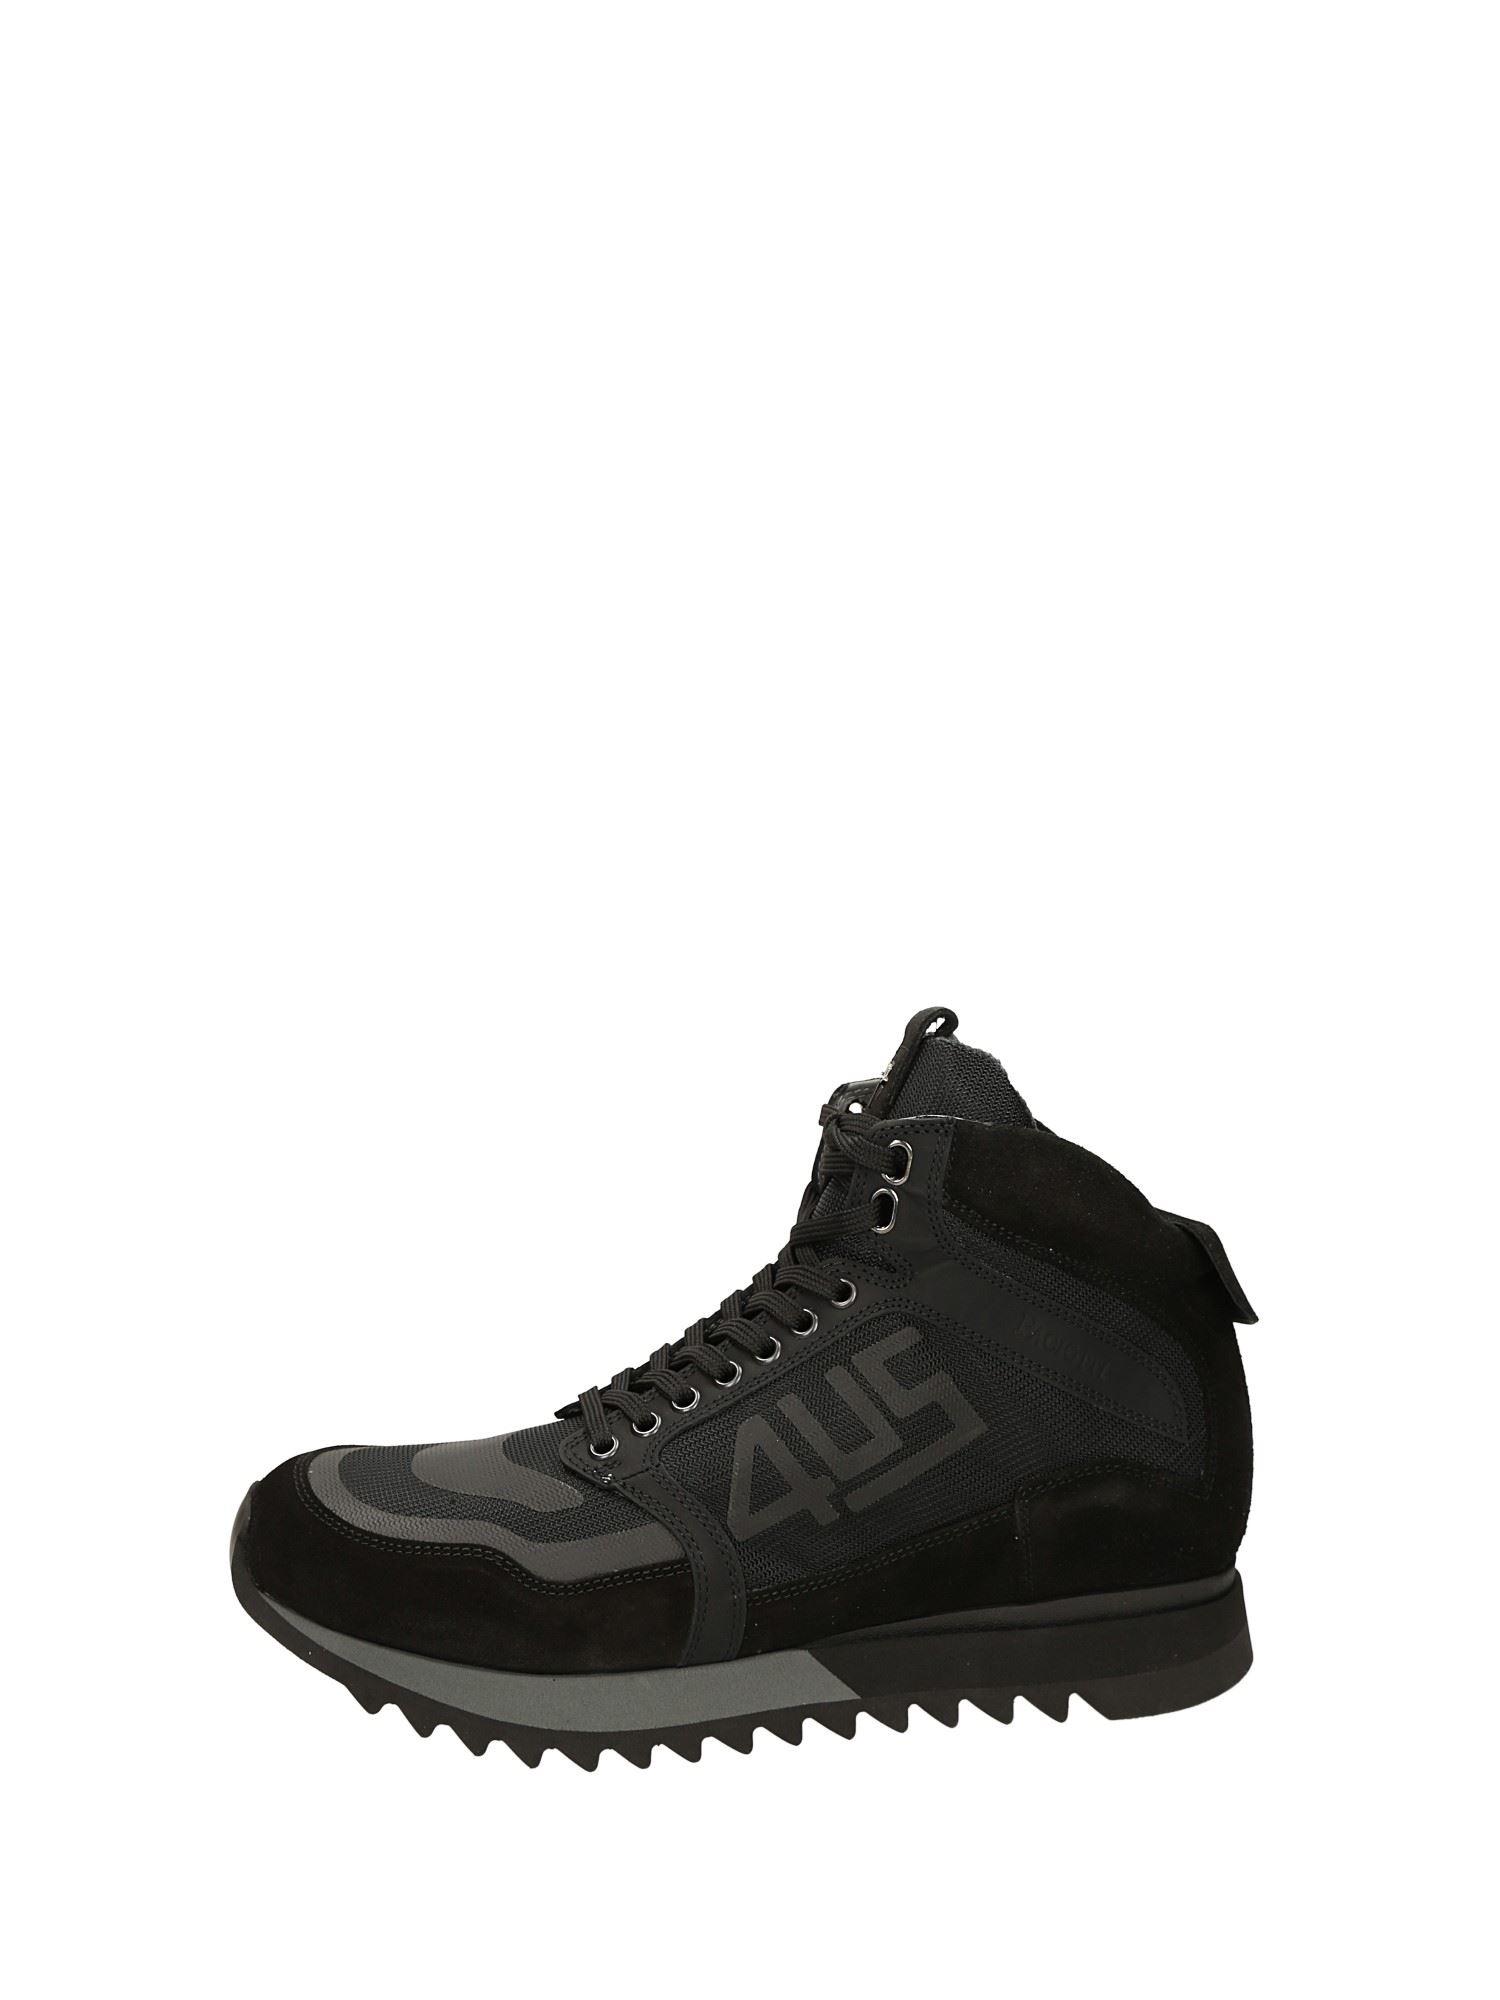 Paciotti Alte Cesare 50Camoscio Sneakers NeroUomo N8vm0wn